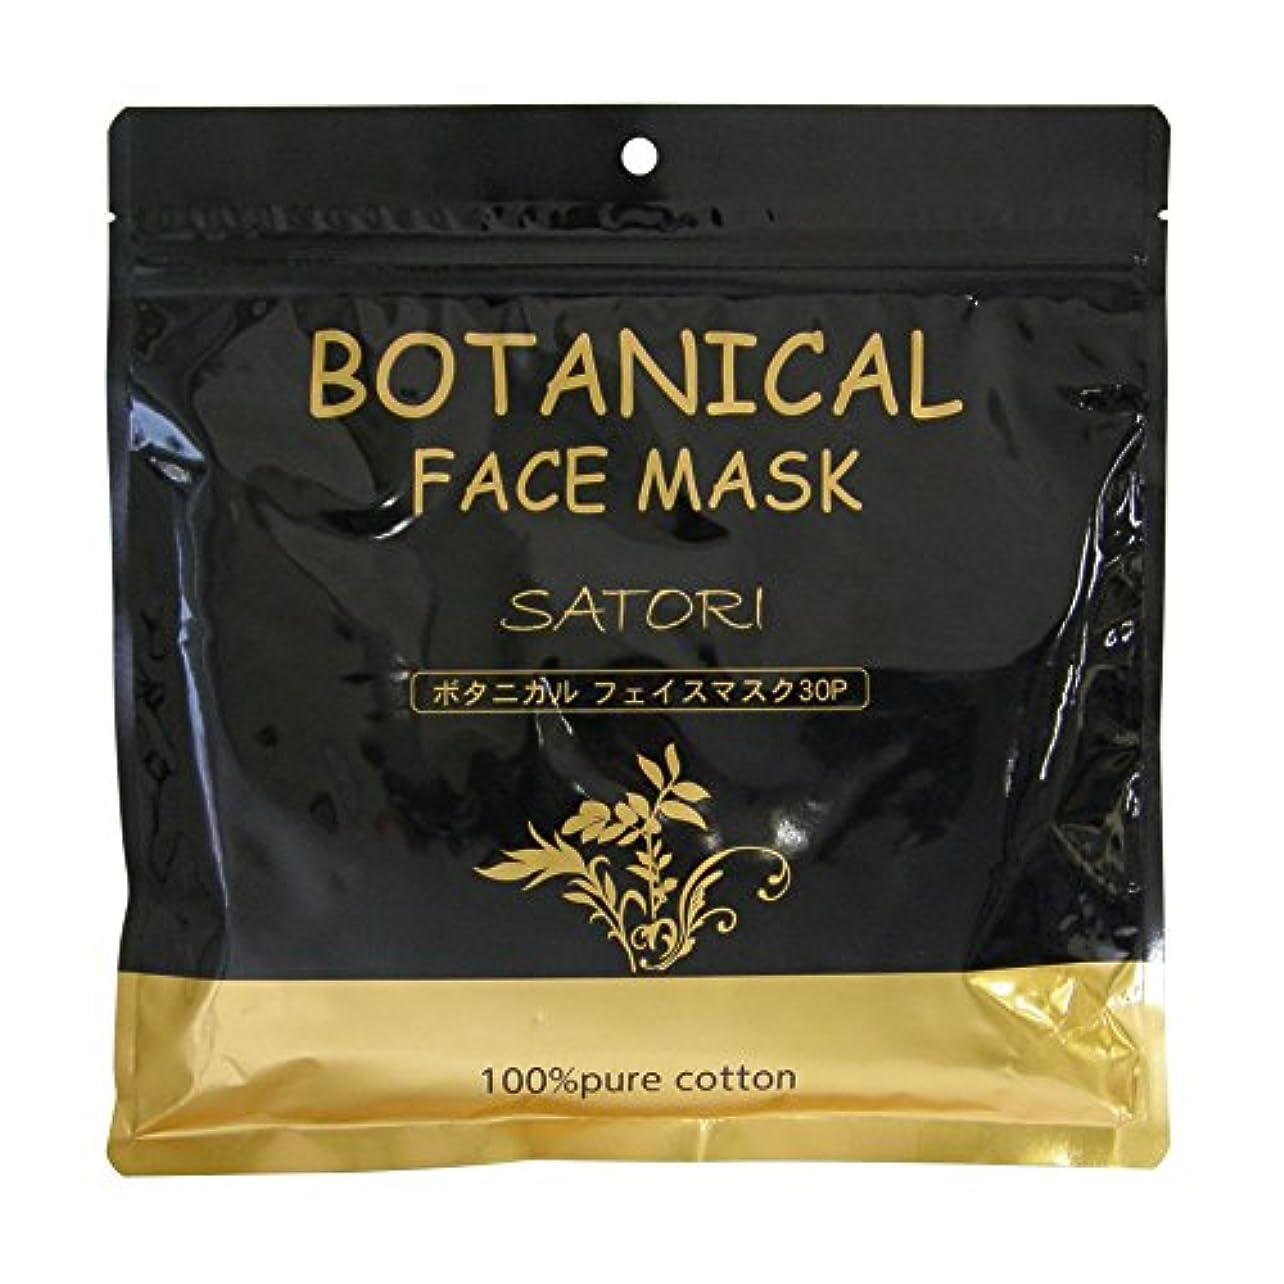 特性行き当たりばったり晩餐ボタニカル フェイスマスク 30枚入